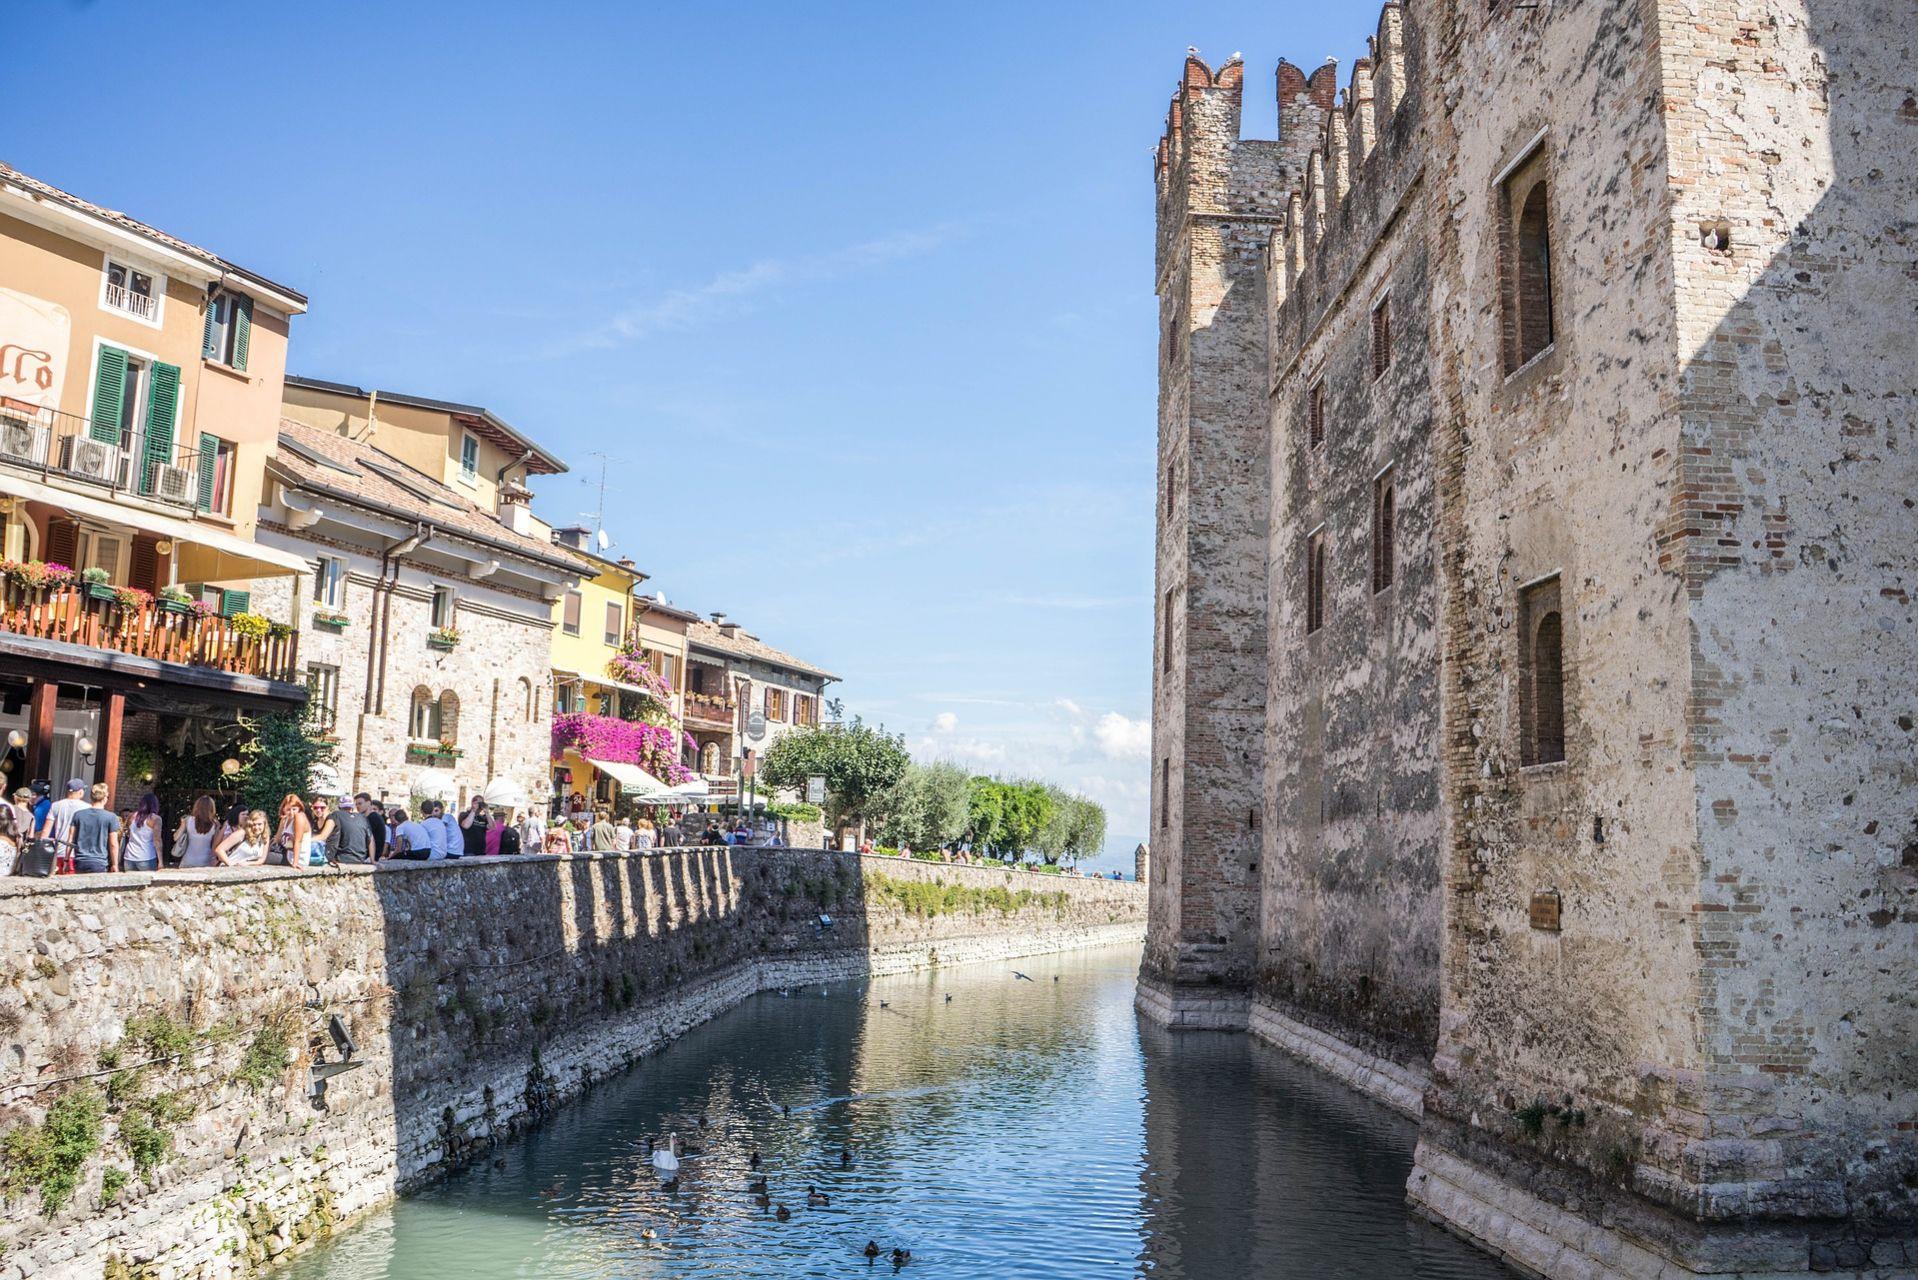 Canal Sirmione